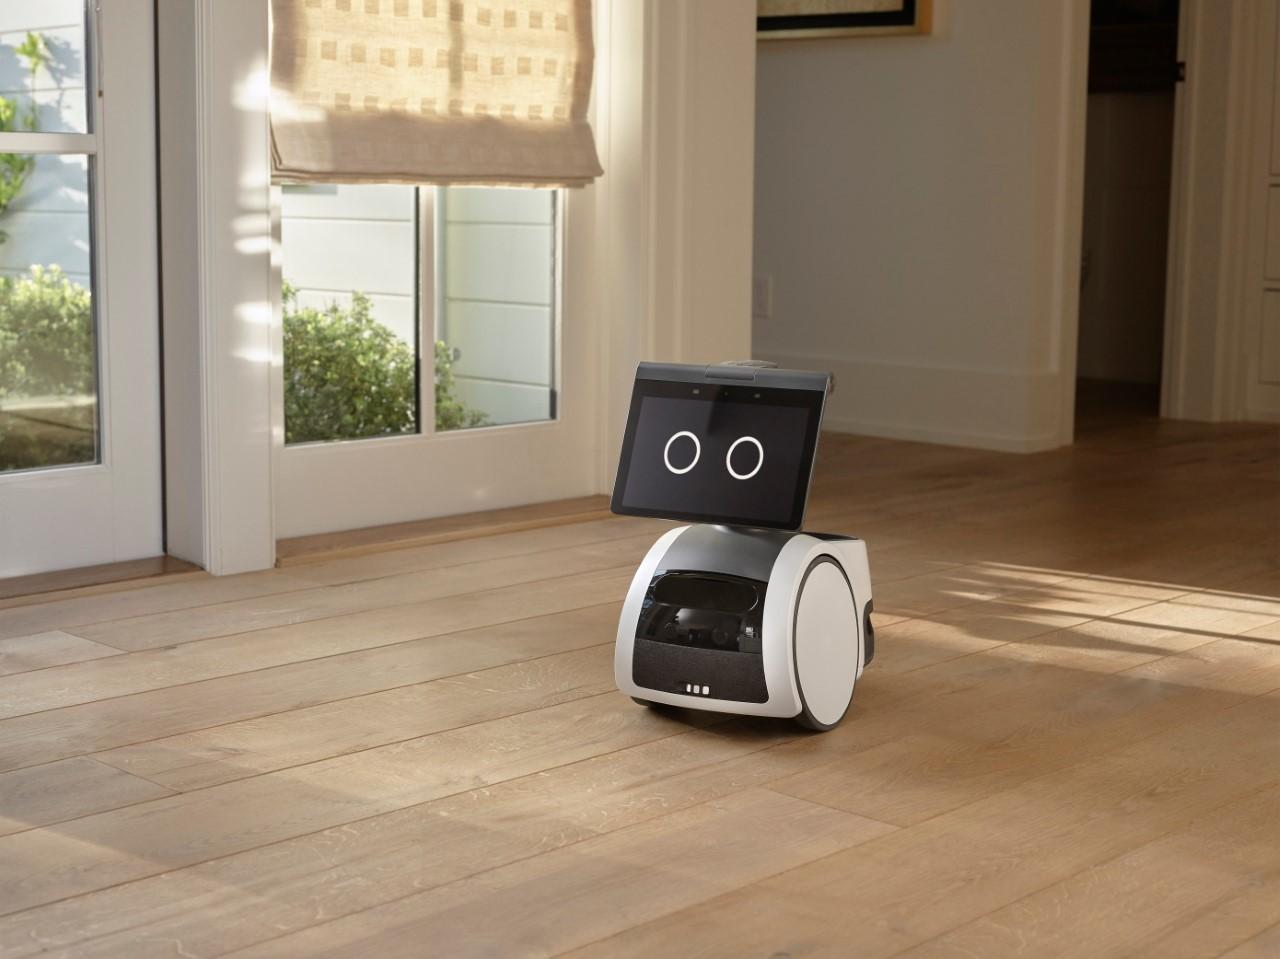 Amazon le pone ruedas a Alexa: así es su robot doméstico Astro